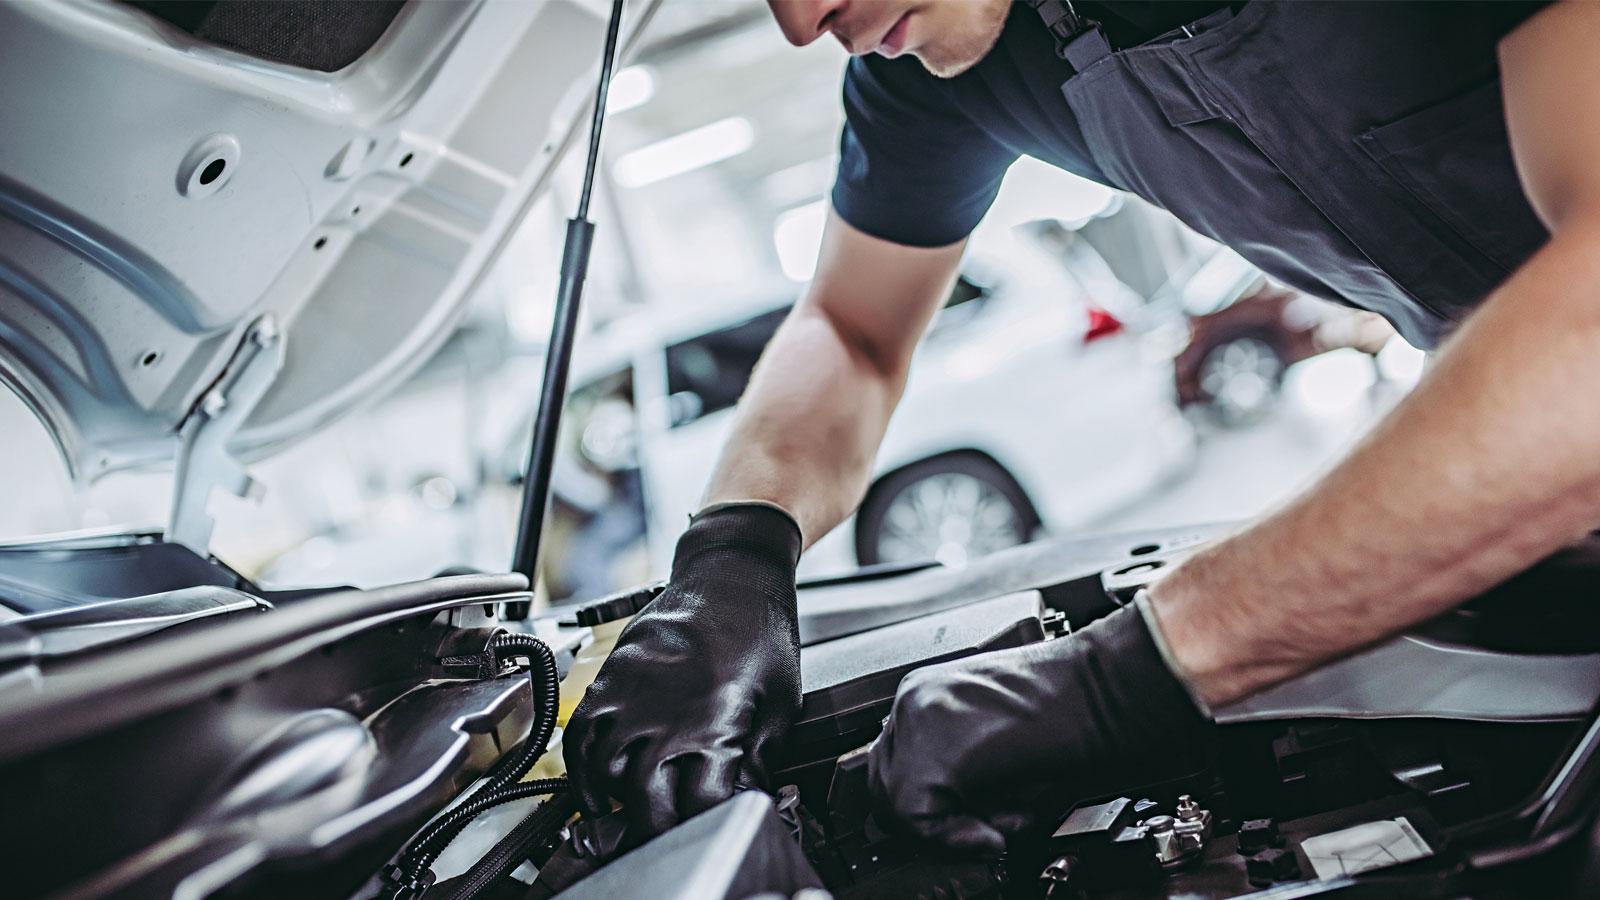 Ο σωστός έλεγχος απαιτεί εξειδικευμένη γνώση και φυσικά τον κατάλληλο εξοπλισμό, ειδικά όσον αφορά στα πιο σύγχρονα αυτοκίνητα.